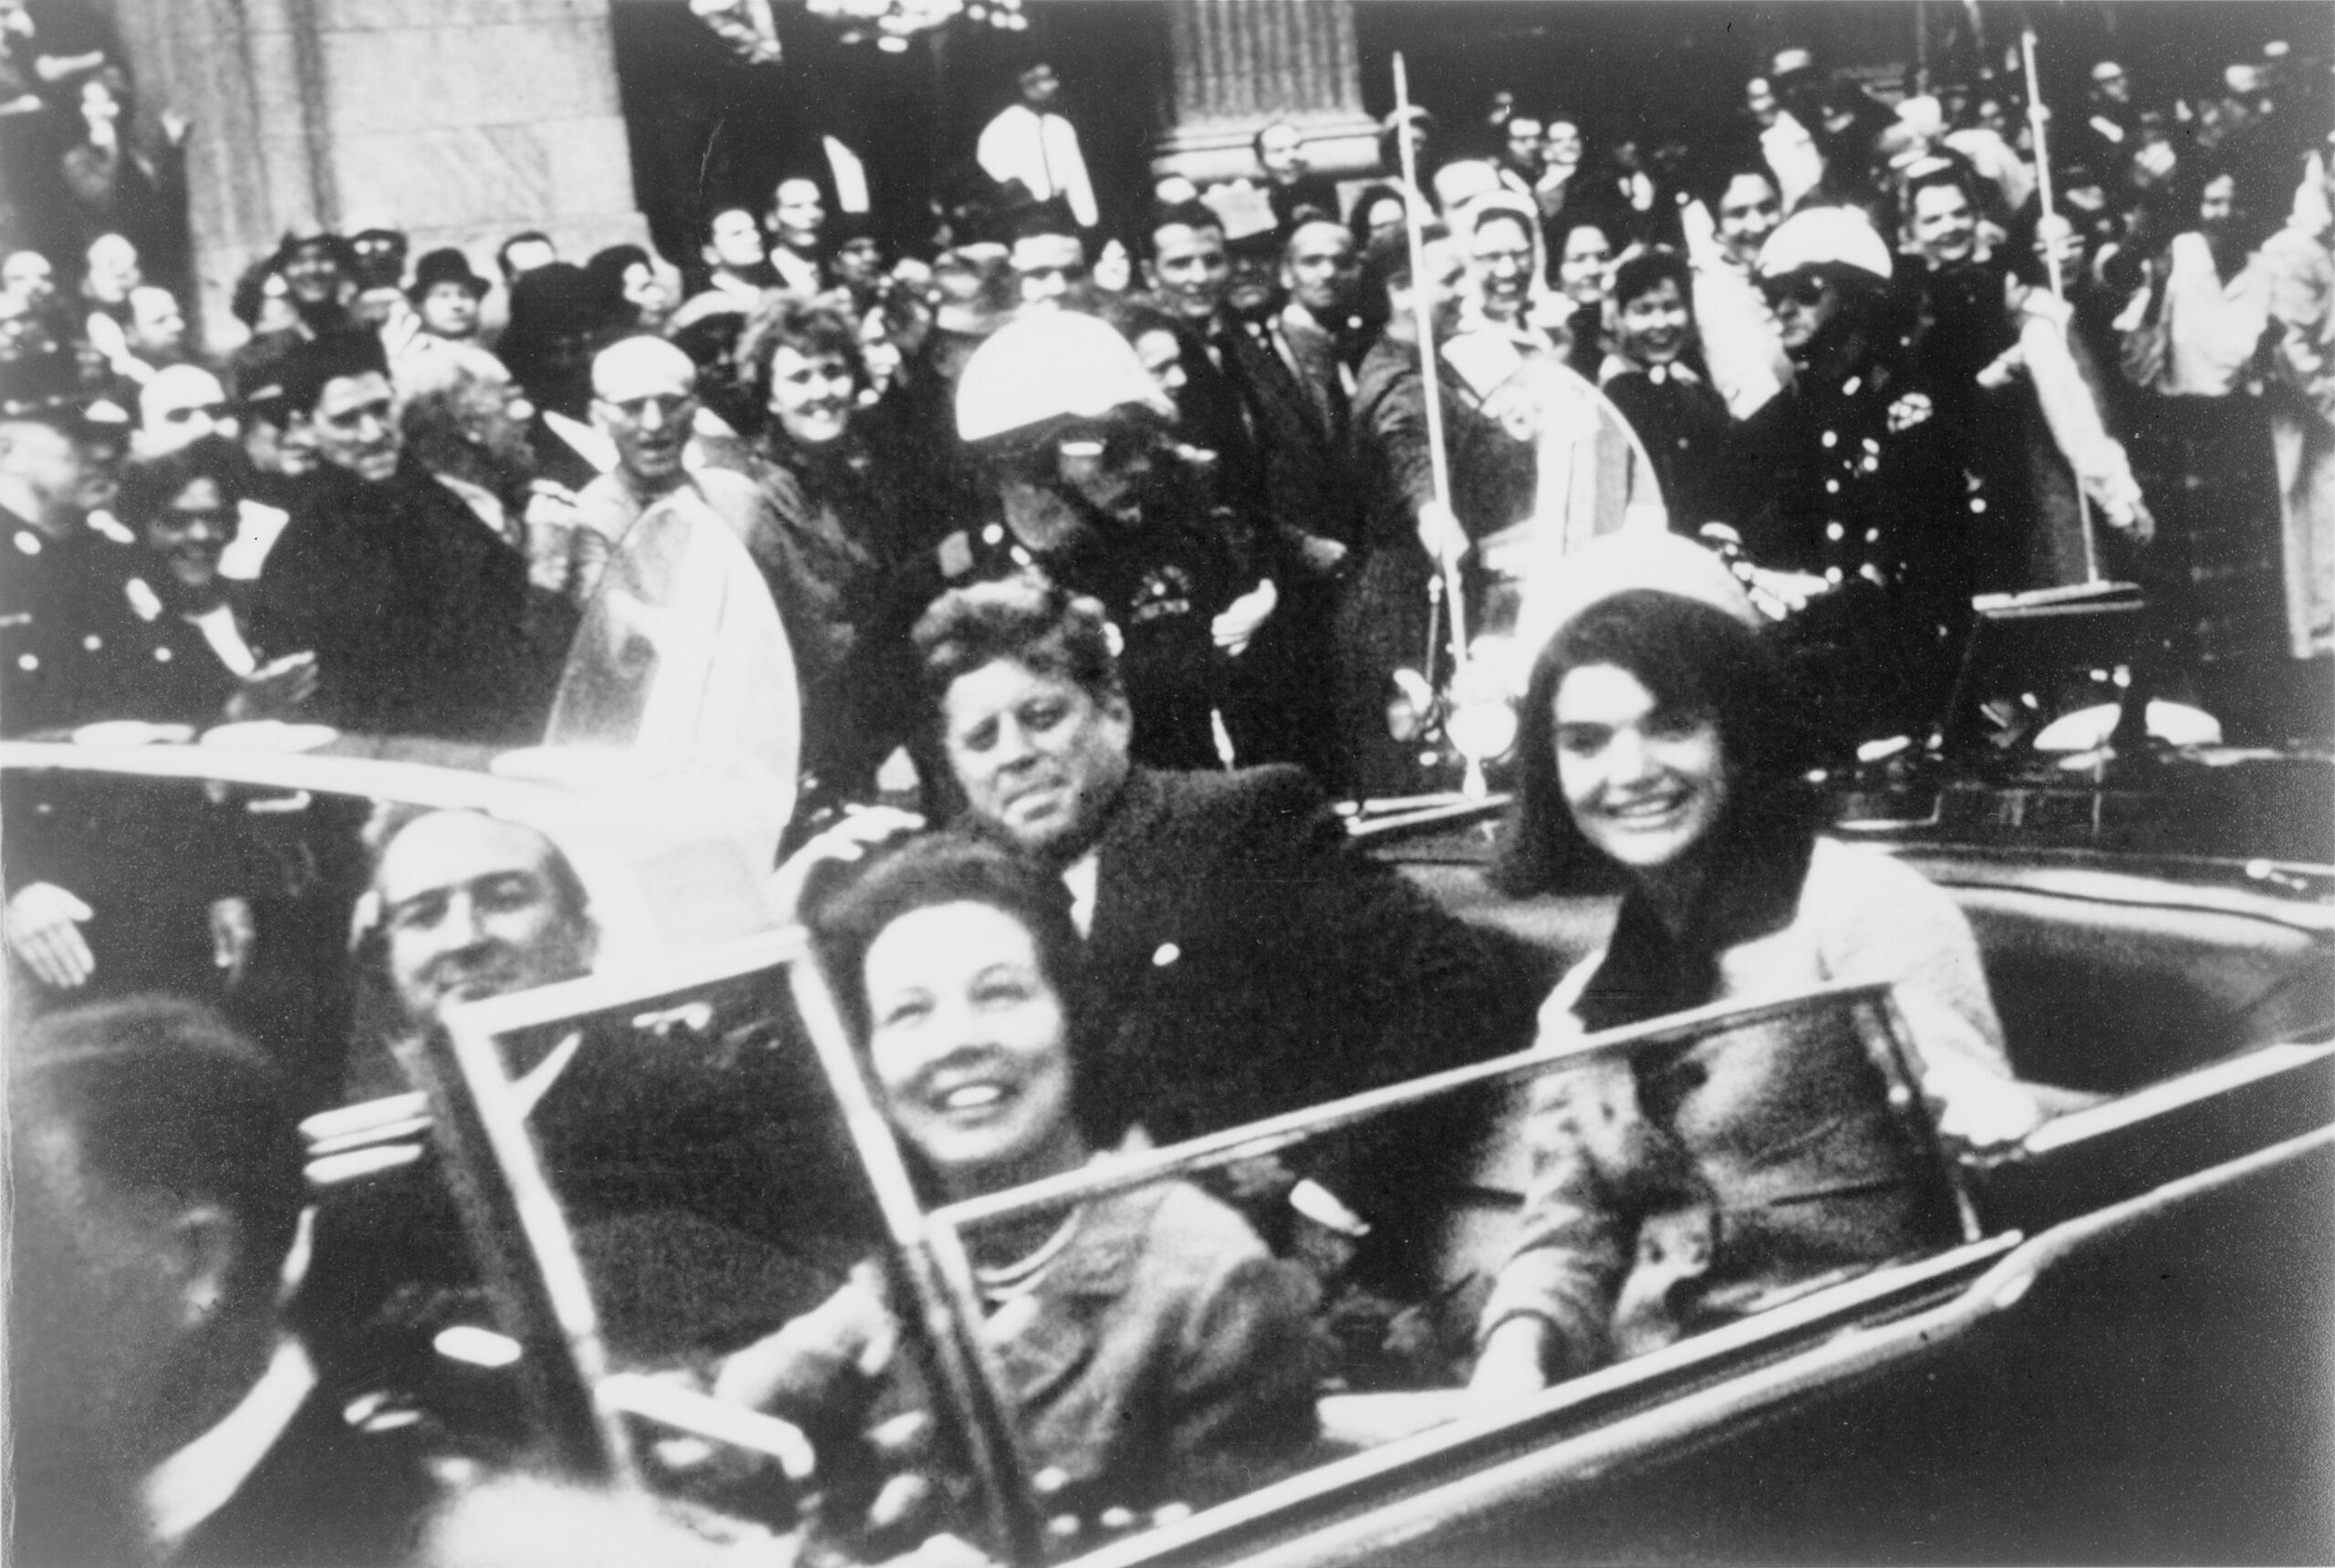 Újabb titkos dokumentumok kerülhetnek nyilvánosságra a Kennedy-gyilkosságról